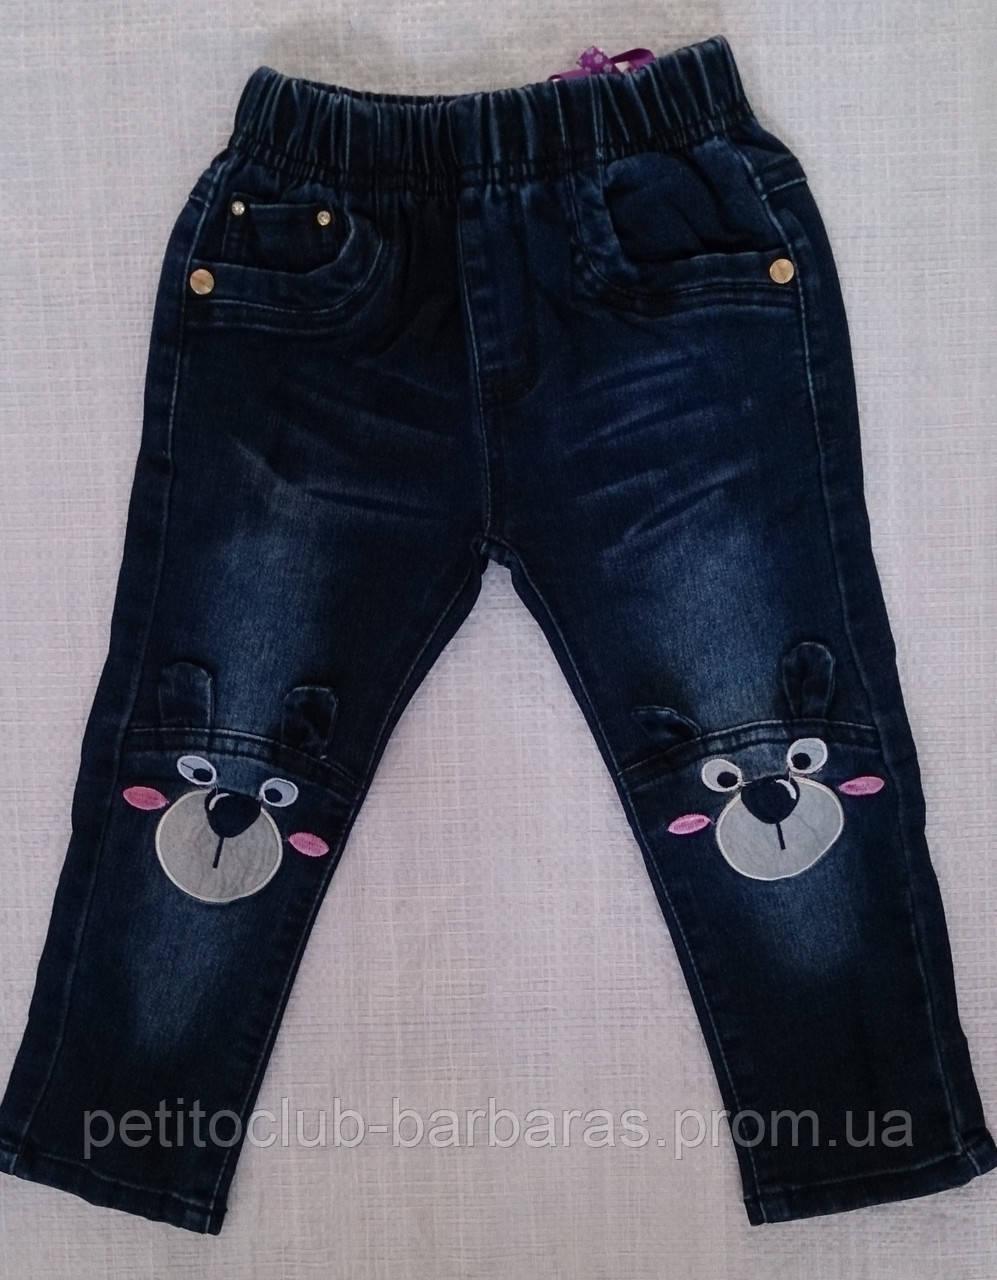 """Детские джинсы для девочки """"Мышка"""" р.92/98 (Grace, Венгрия)"""